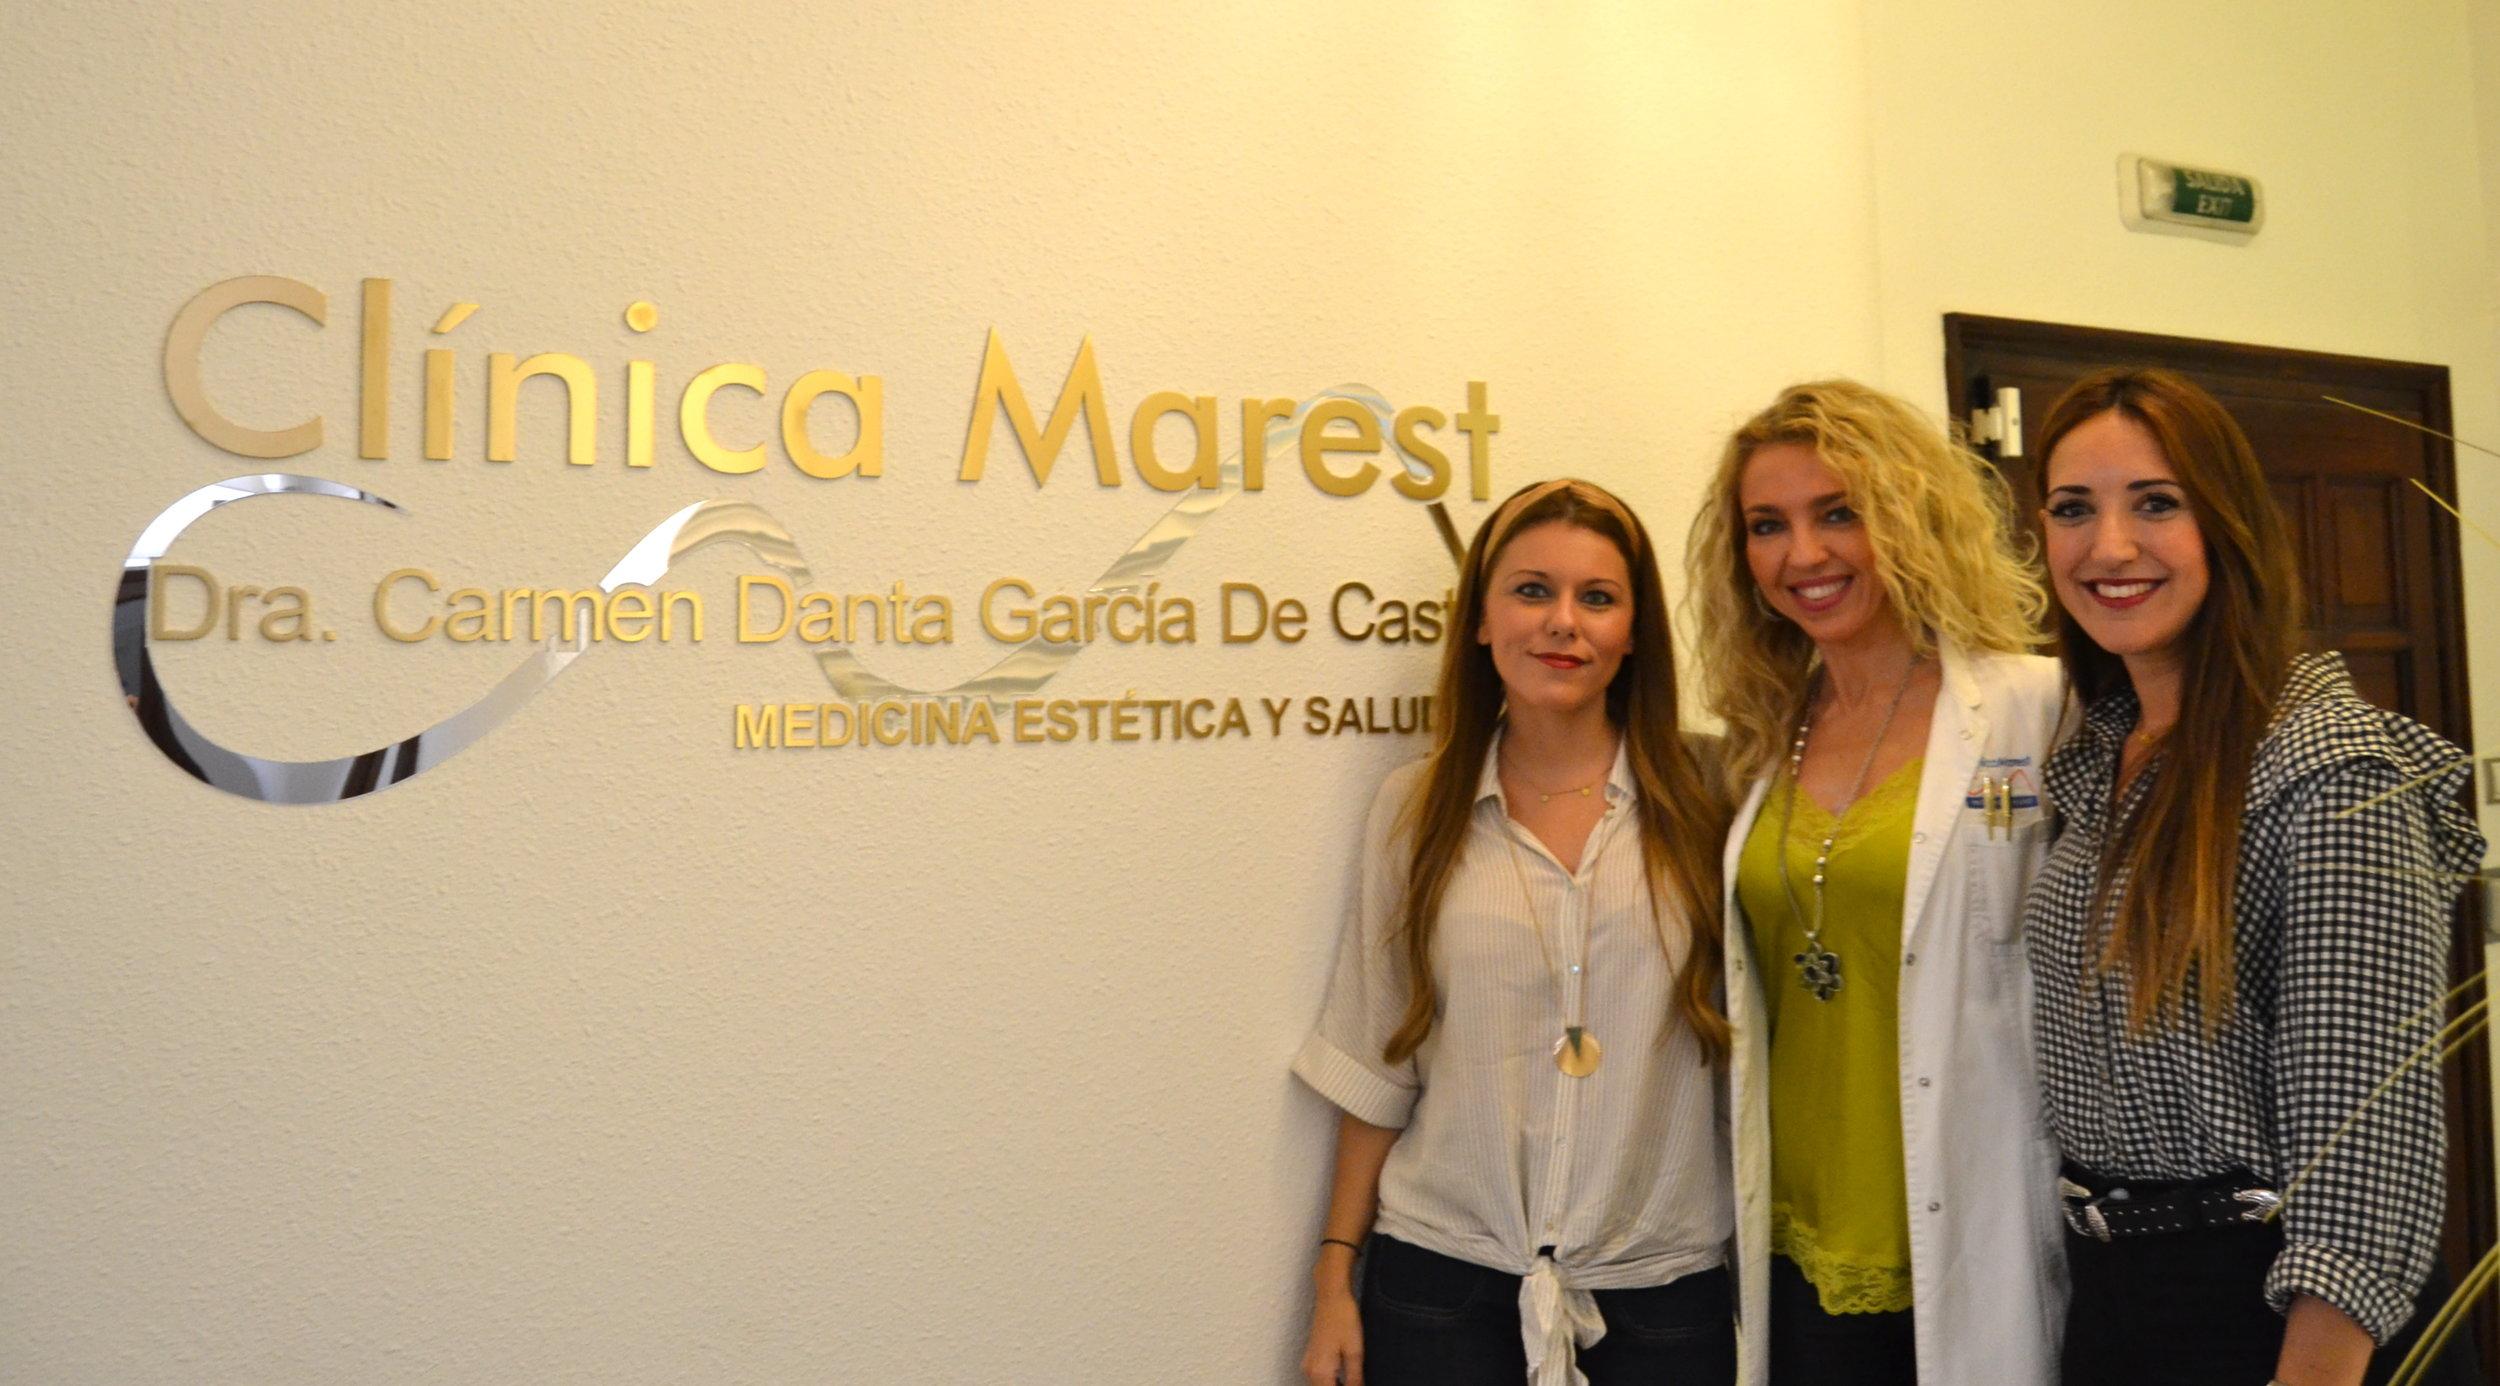 evento-clinica-marest-influencers (1).JPG